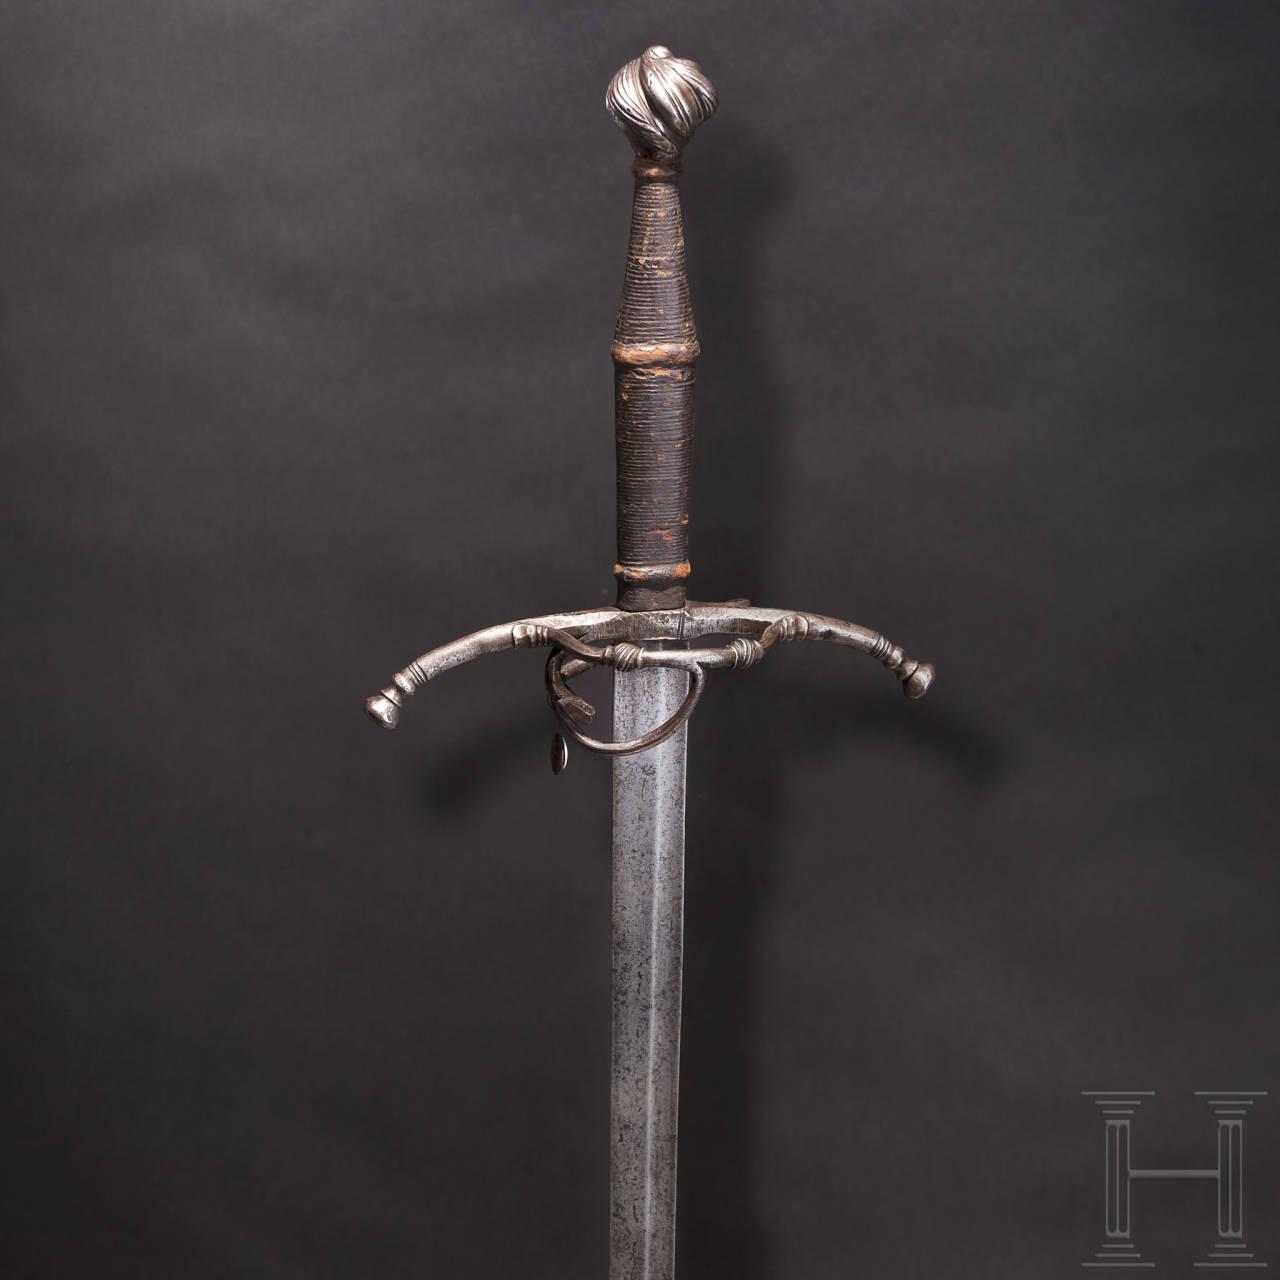 Maximilianisches Schwert zu anderthalb Hand, süddeutsch, um 1520